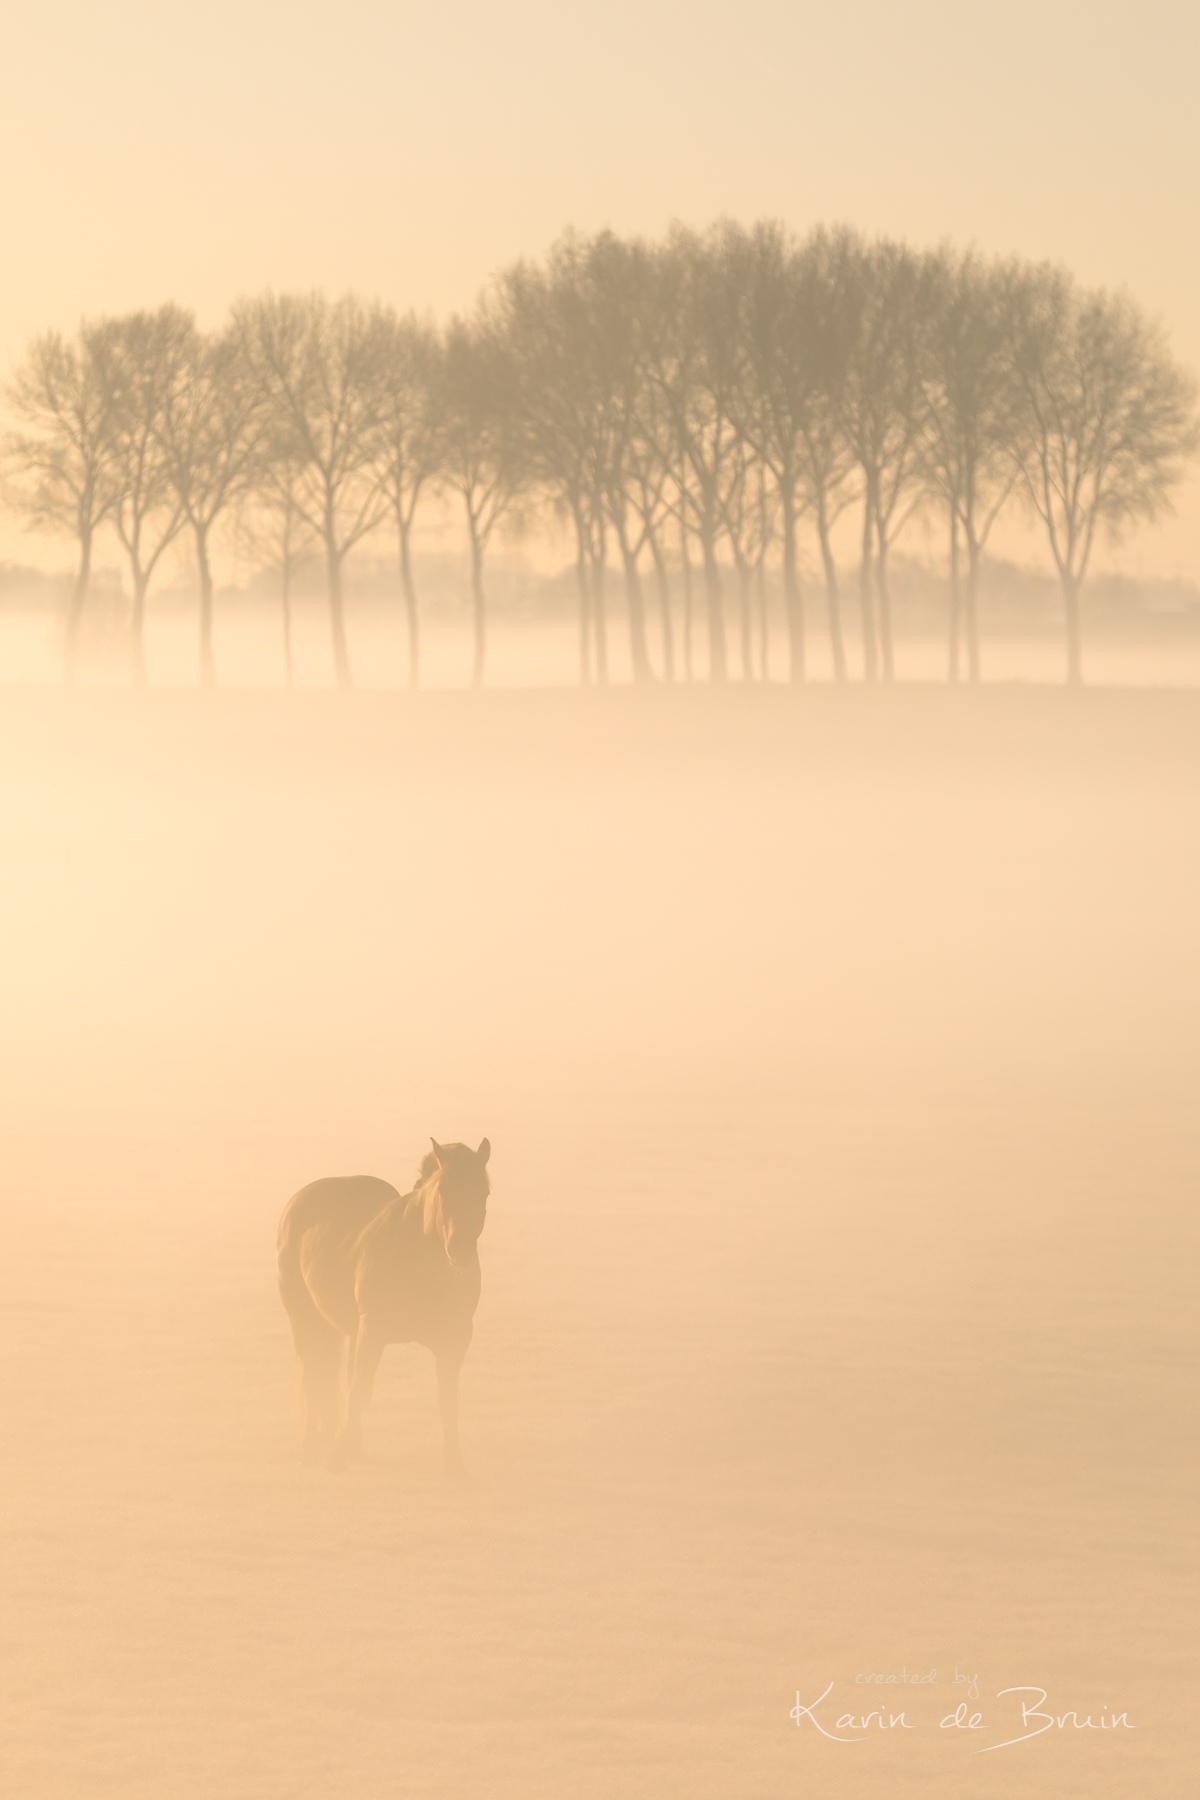 Gazing in the Mist! - Vol in de remmen toen ik zag hoe deze beauty naar me stond te lonken. - foto door KarindeBruin op 28-04-2021 - locatie: 3216 Abbenbroek, Nederland - deze foto bevat: mist, polder, bomen, paard, abbenbroek, hellevoetsluis, voorne putten, atmosfeer, ecoregio, lucht, boom, natuurlijk landschap, mist, werkend dier, biome, zonsopkomst, schemer